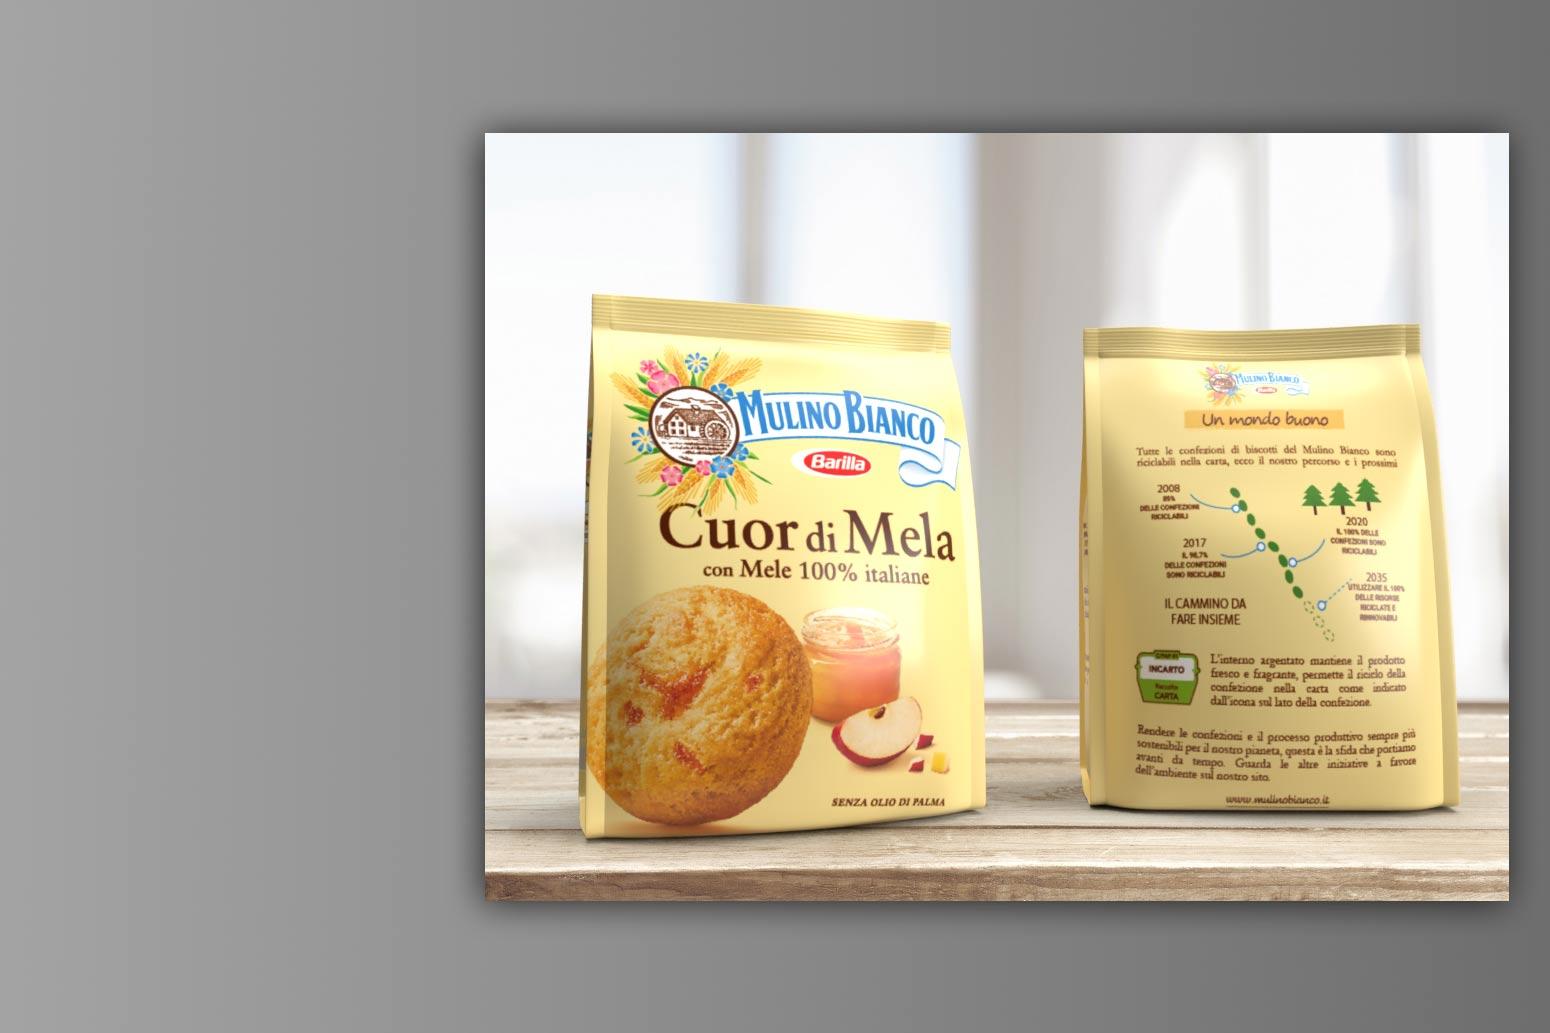 design packaging prodotto, disegno grafico confezioni prodotti